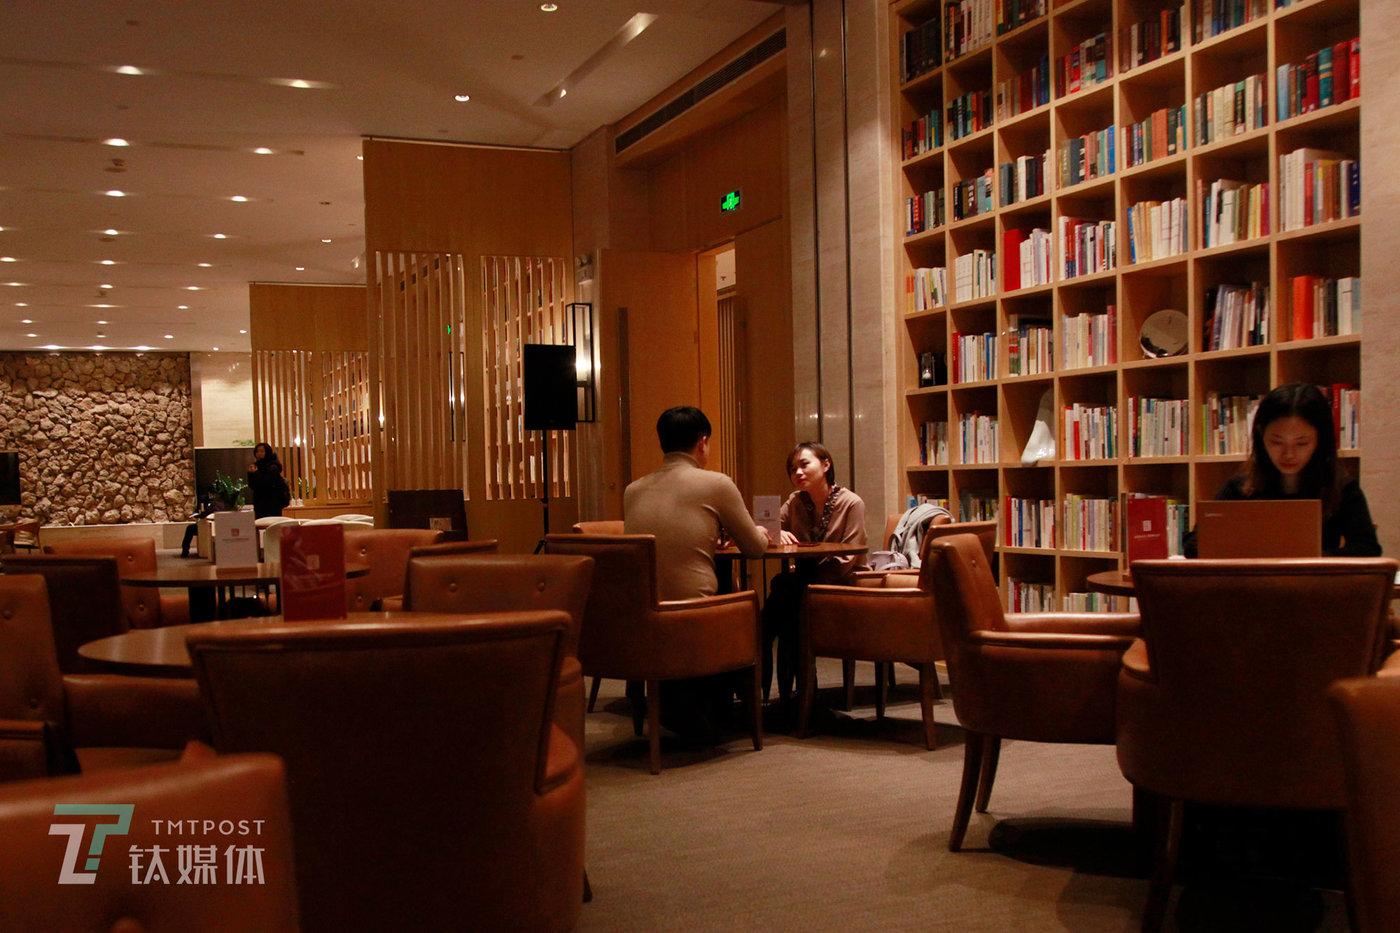 艾菲与人约在一家咖啡馆面试,这是她失业后的第七次面试。